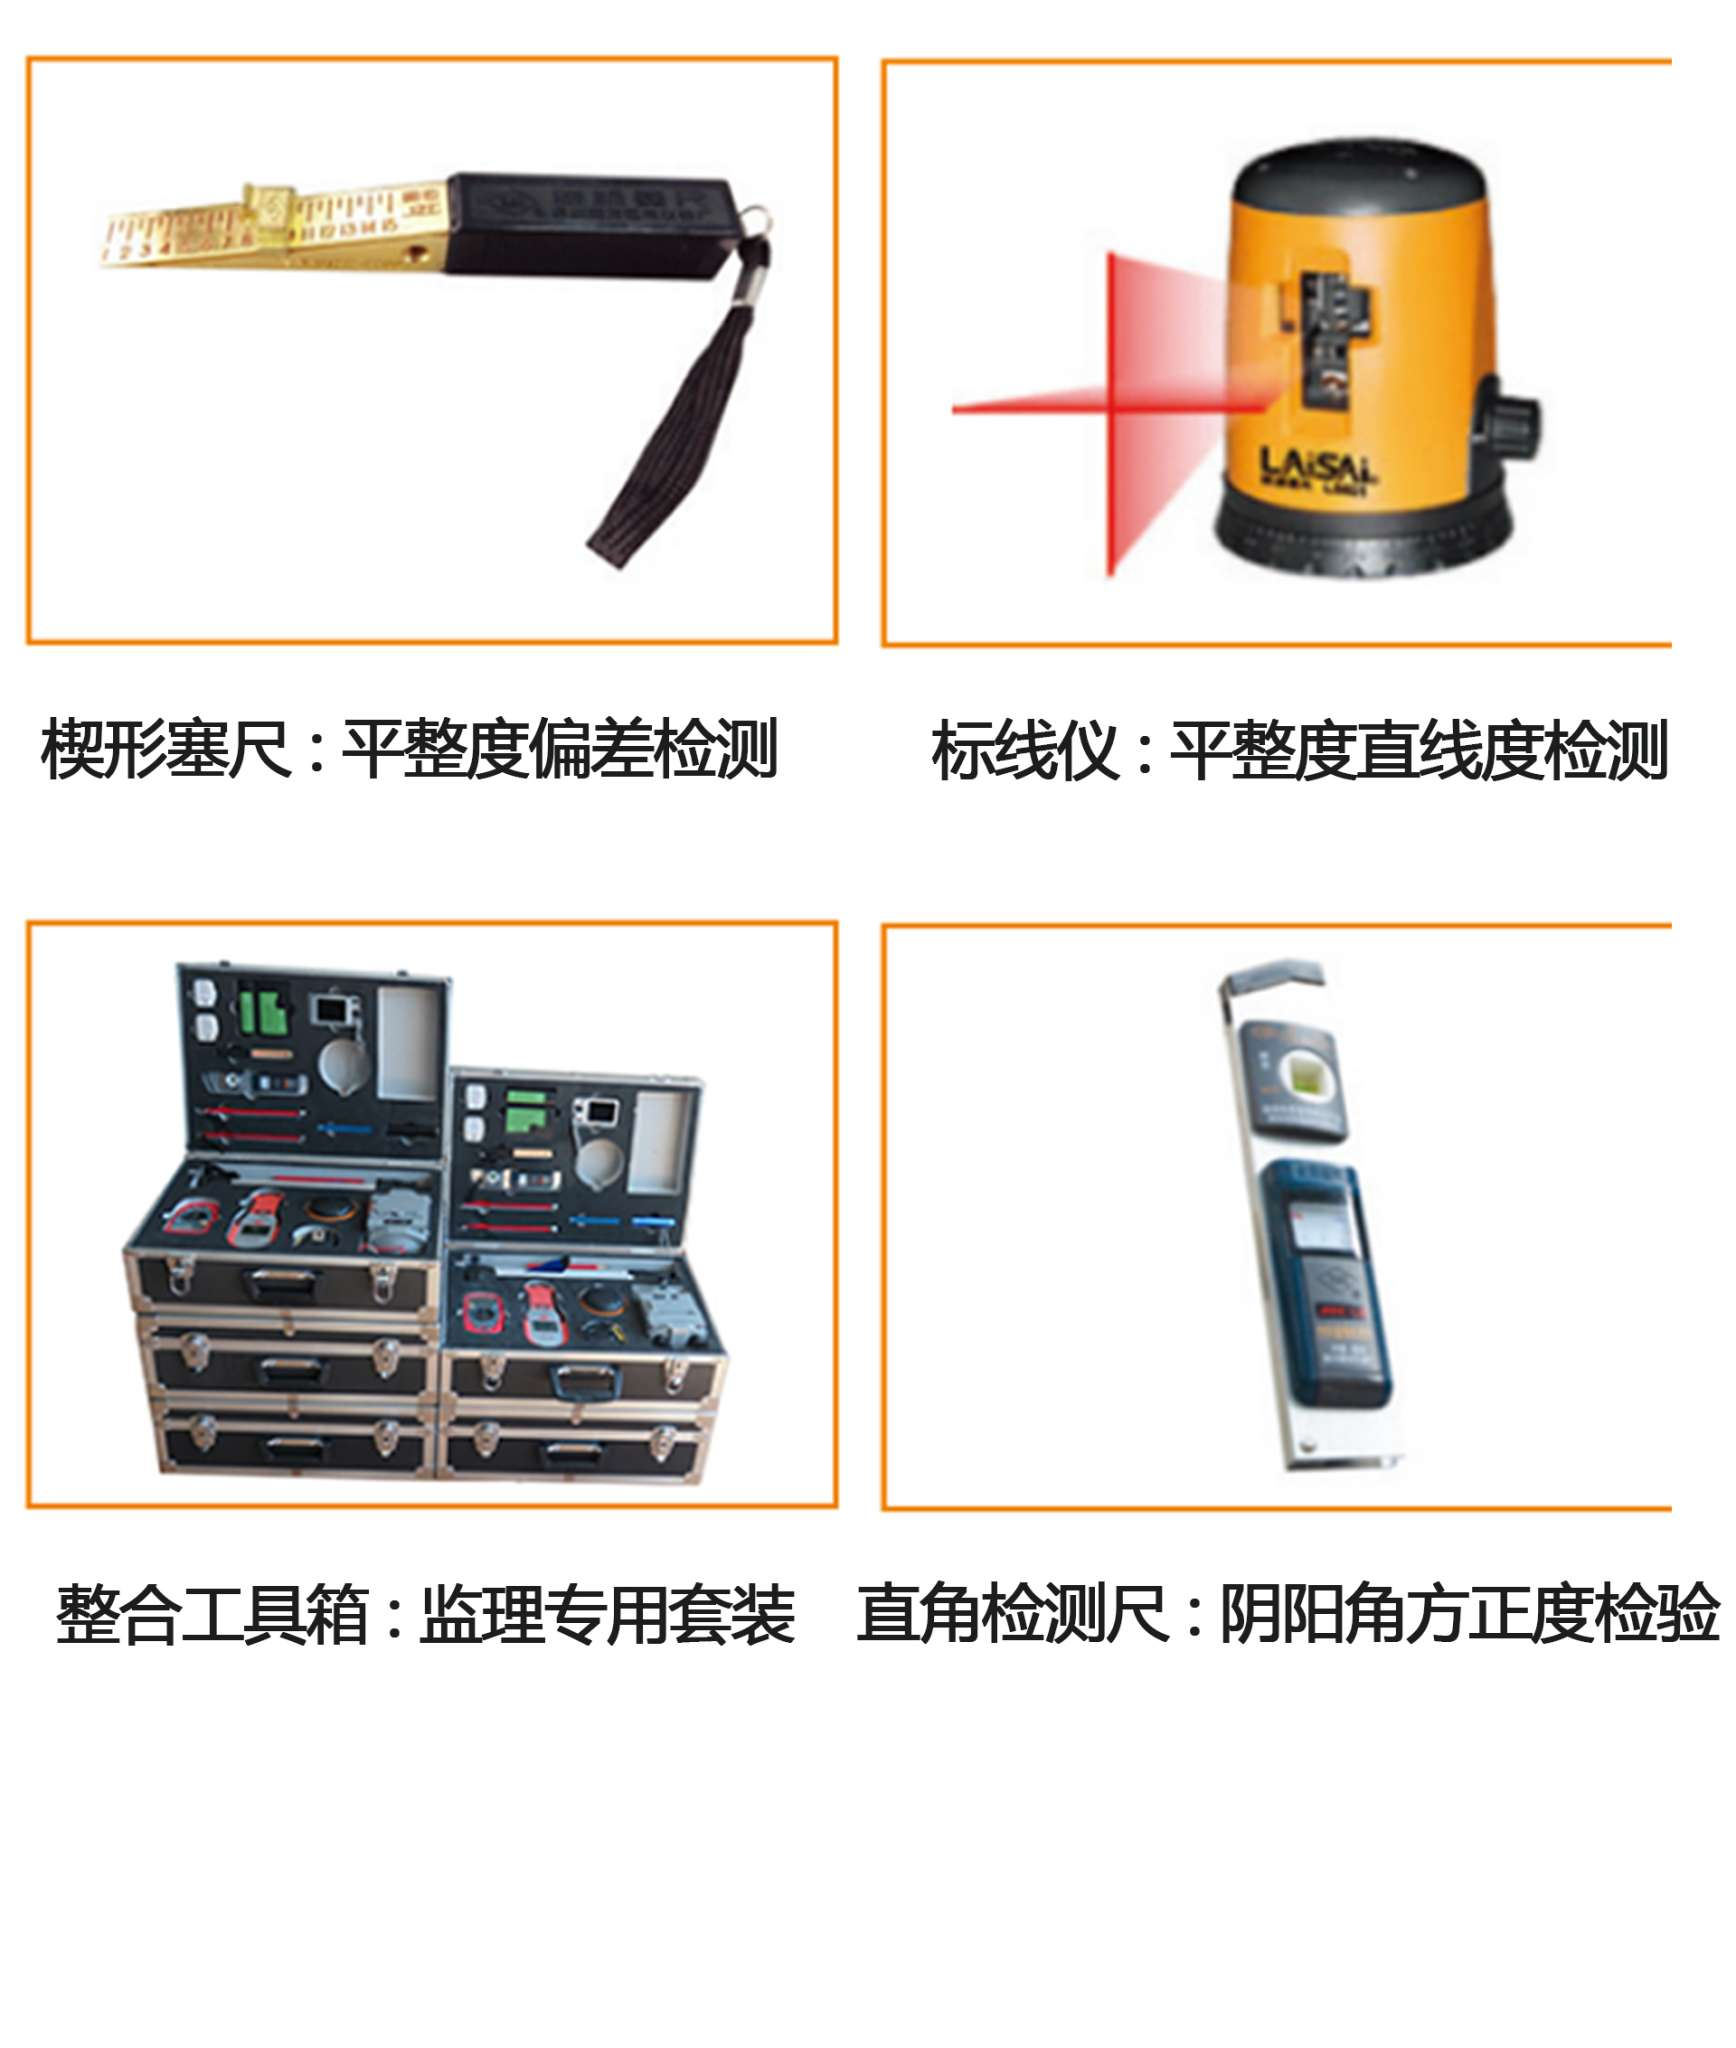 业之峰第三方检查工程_09.jpg